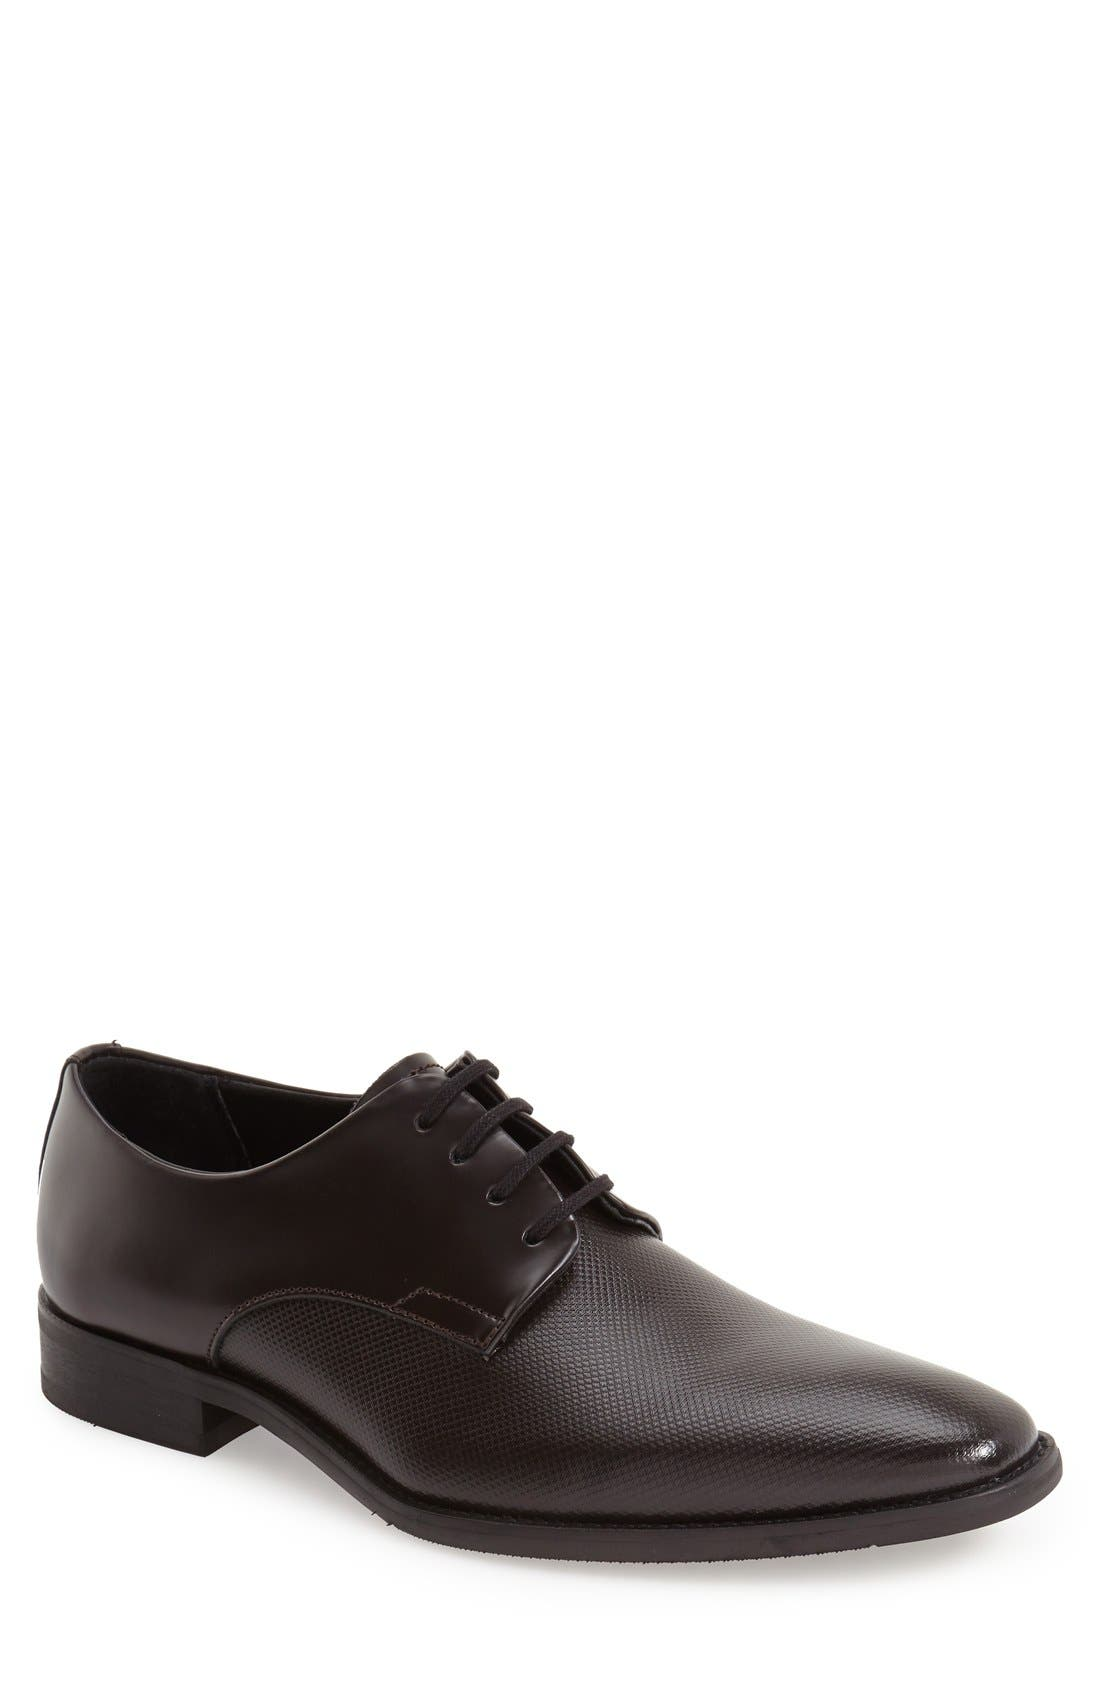 Alternate Image 1 Selected - Calvin Klein 'Ramses' Plain Toe Derby (Men)